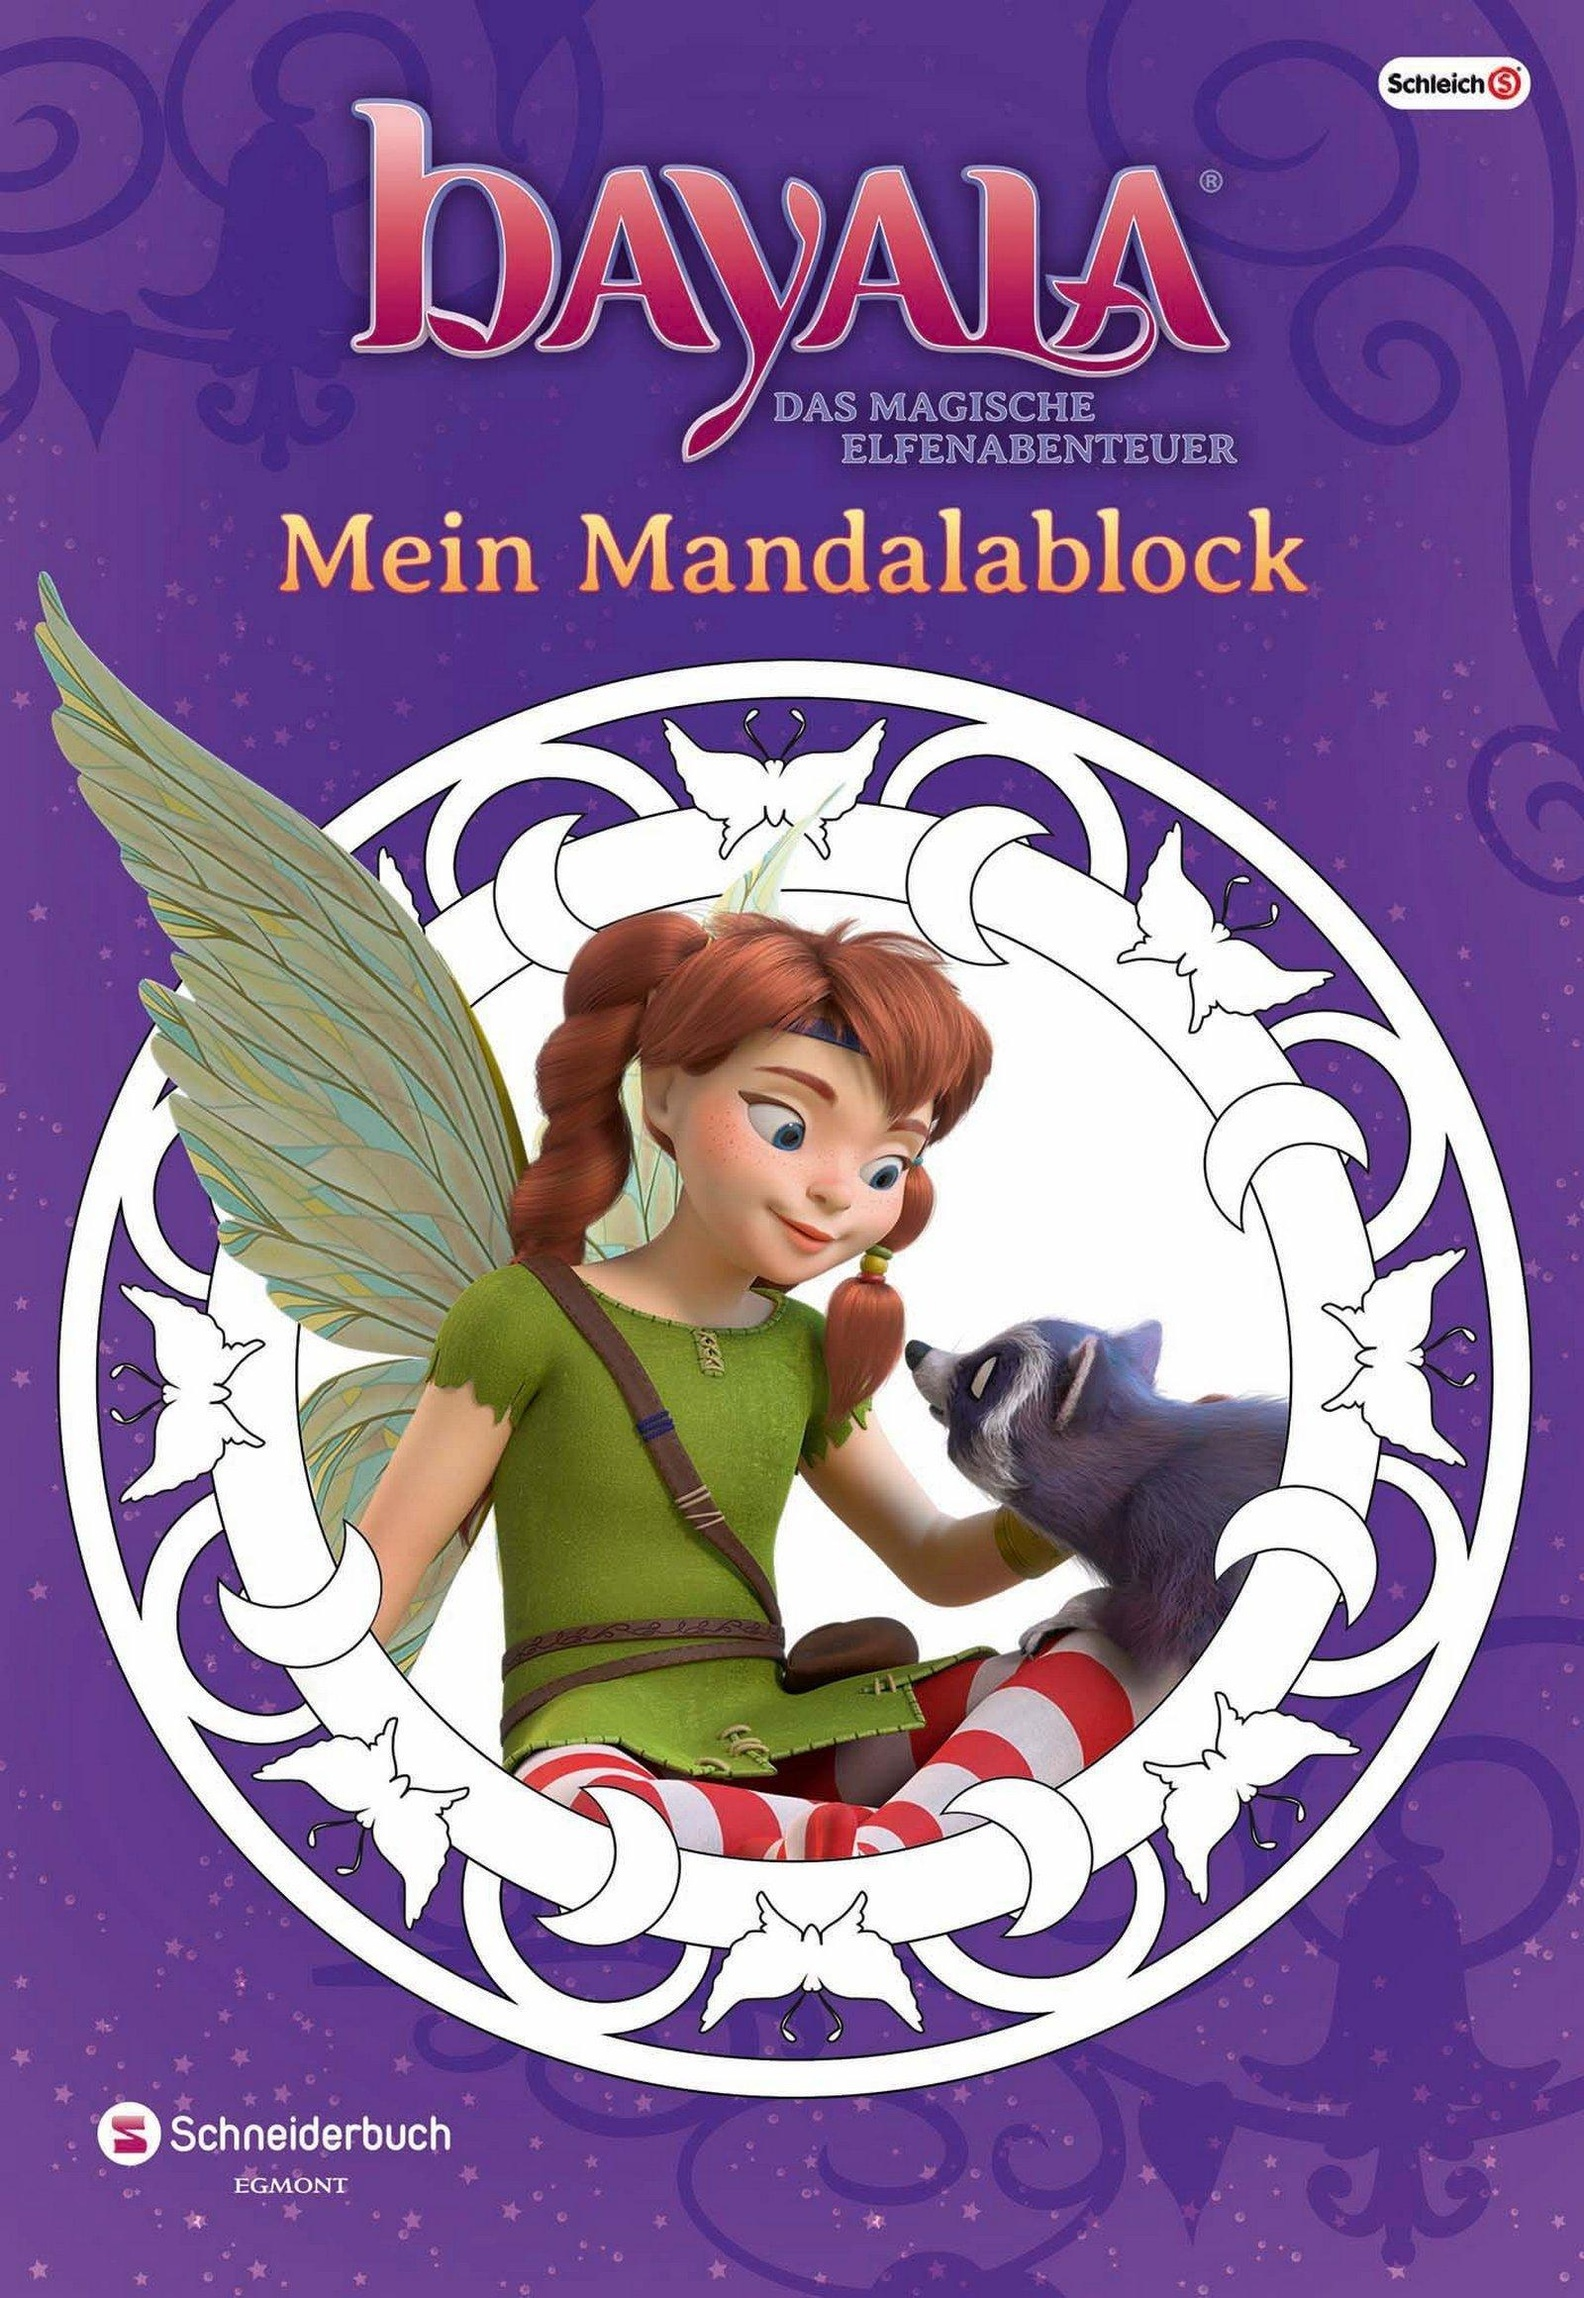 bayala - Mein Mandalablock Buch versandkostenfrei bei Weltbild.de